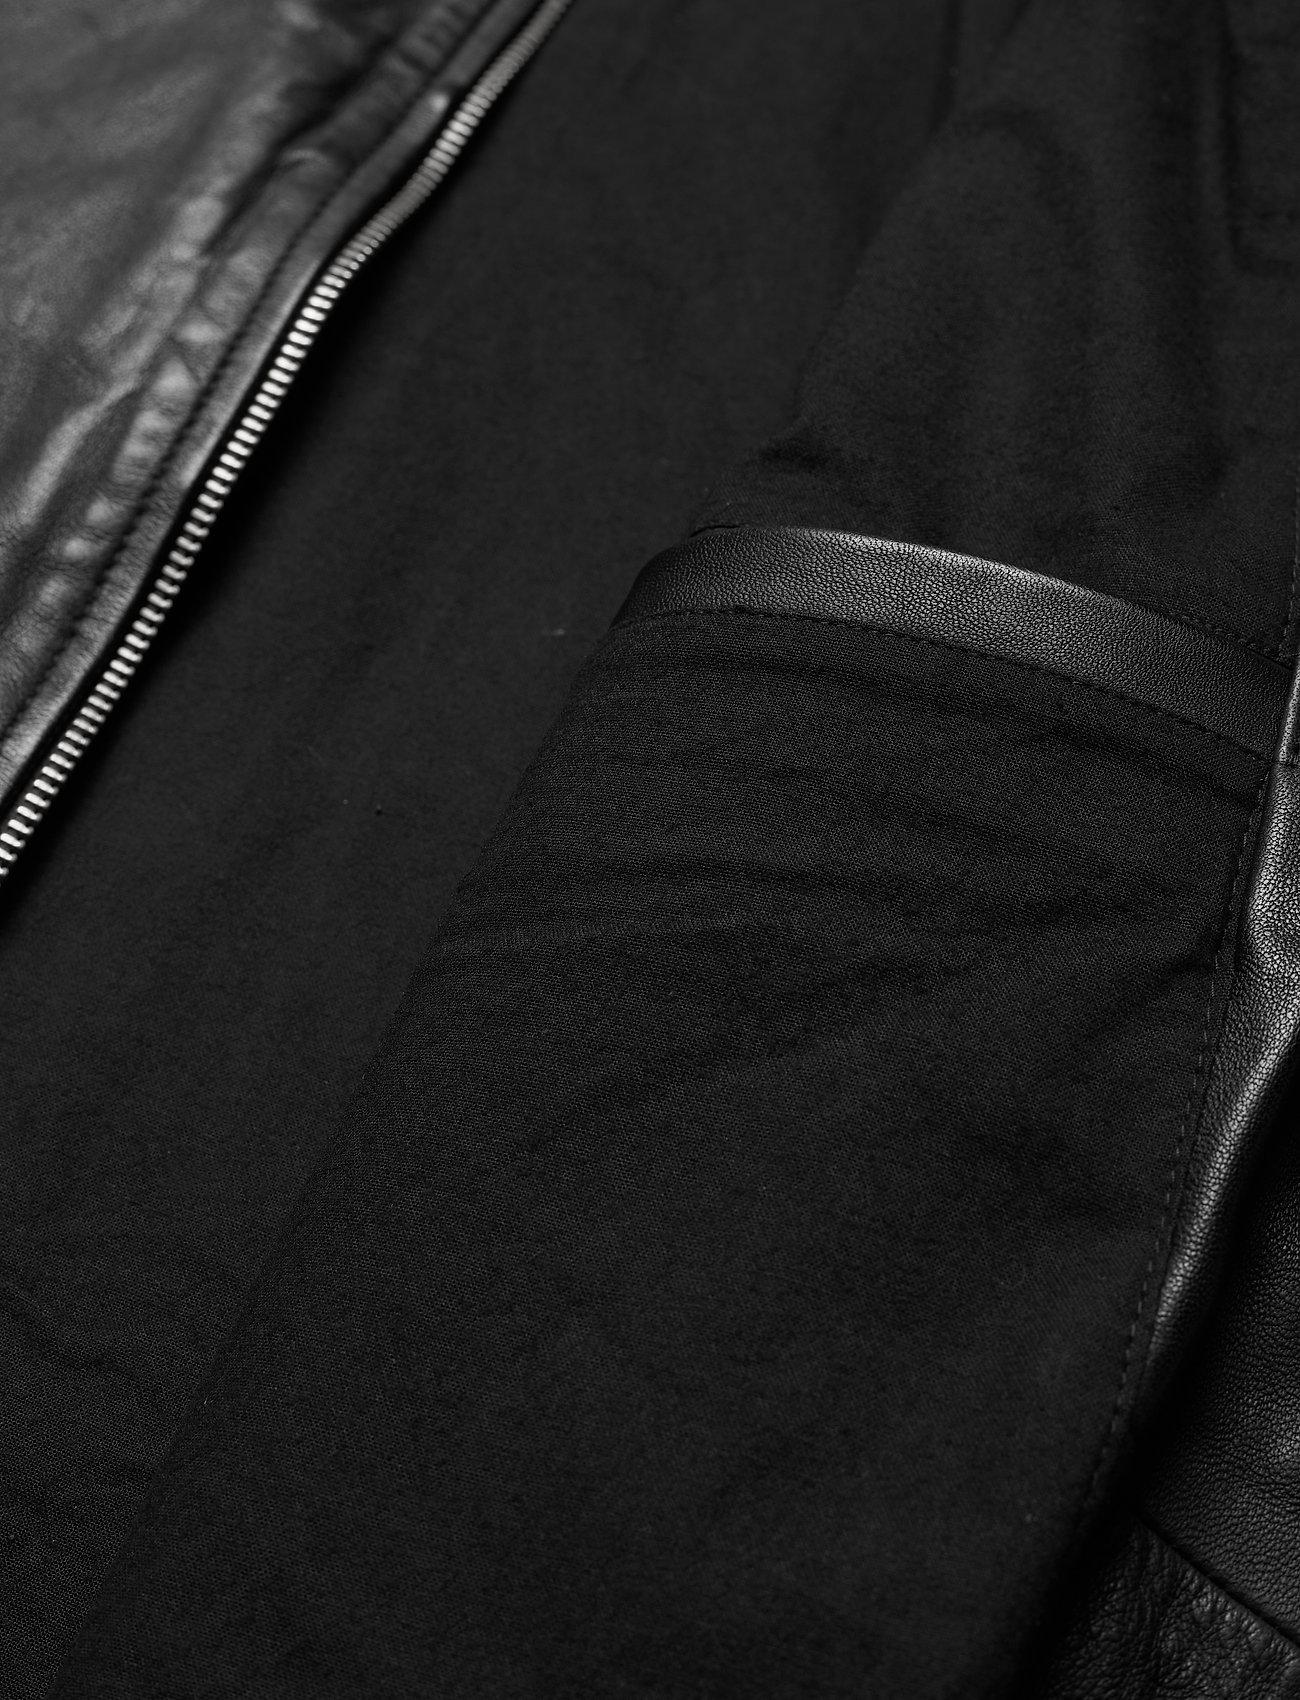 AllSaints CORA JACKET - Jakker og frakker JET BLACK - Menn Klær